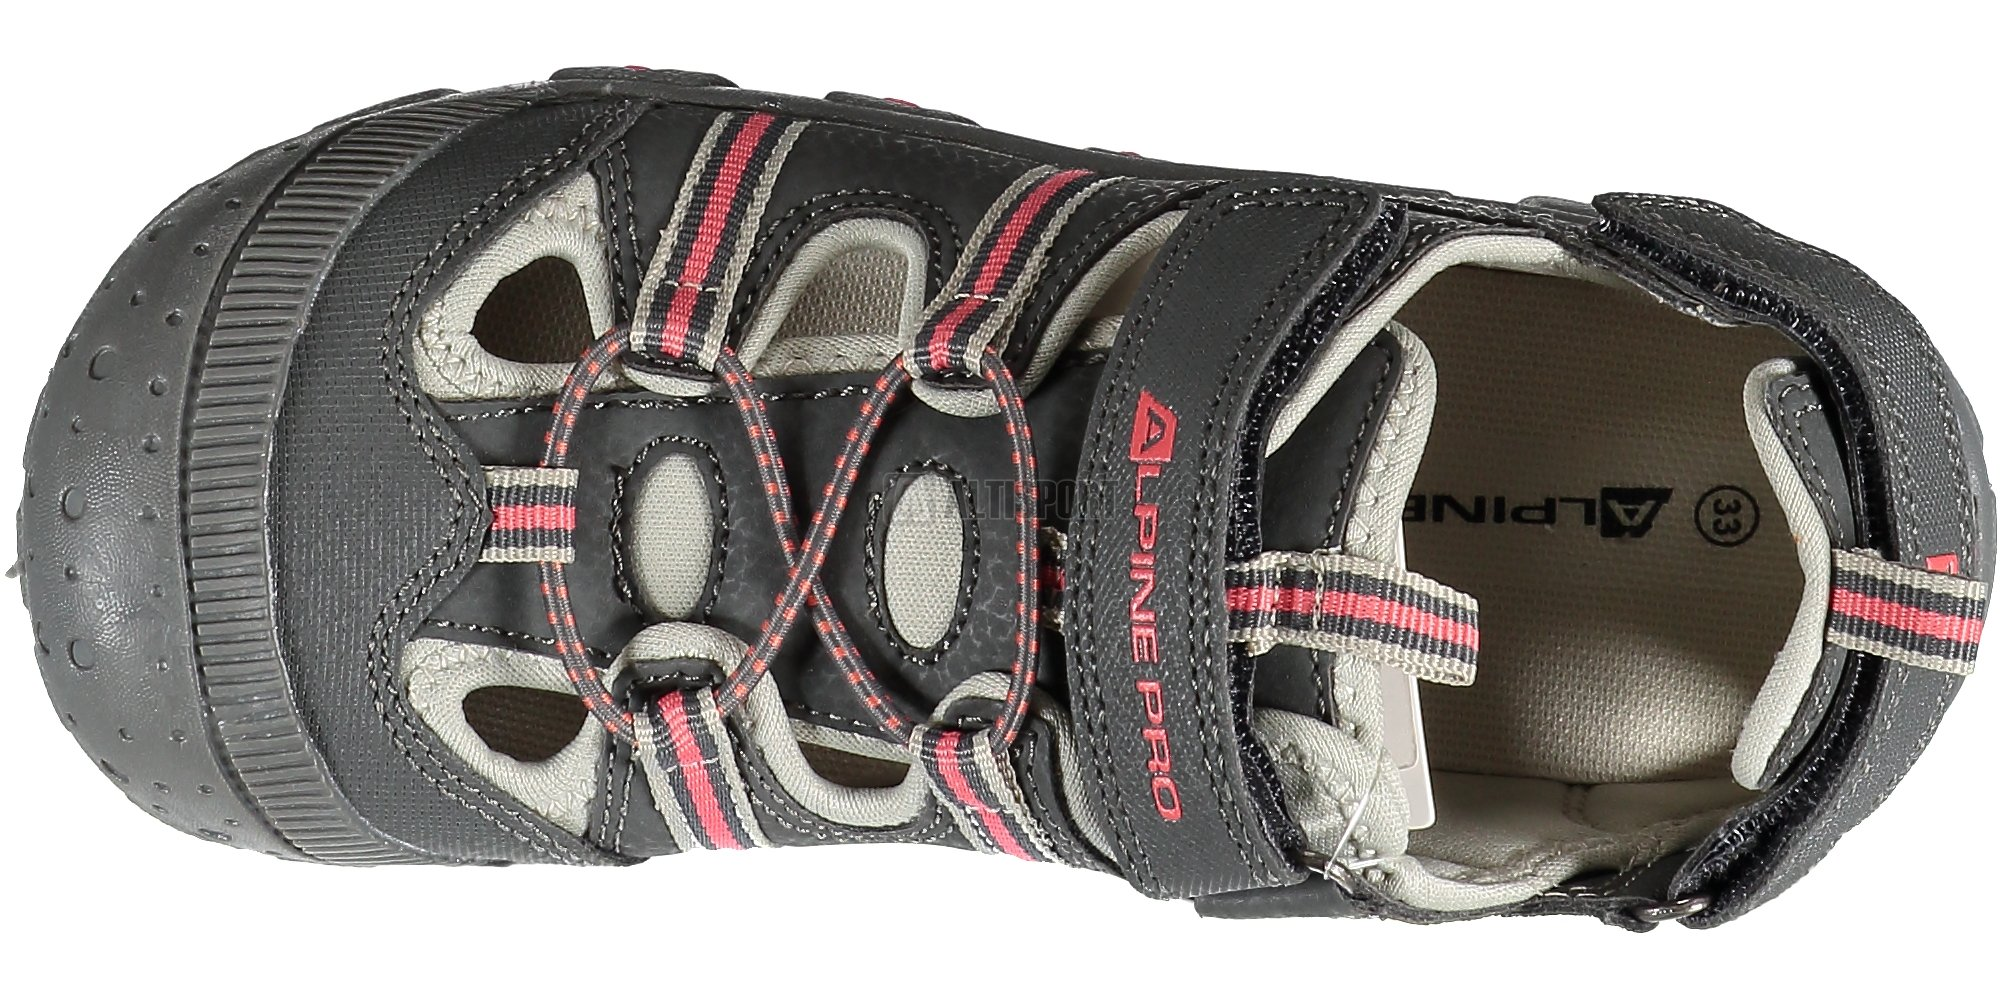 56a99a01fc30 Dětské sandále ALPINE PRO BEDELI KBTJ148 ŠEDÁ velikost  28 ...